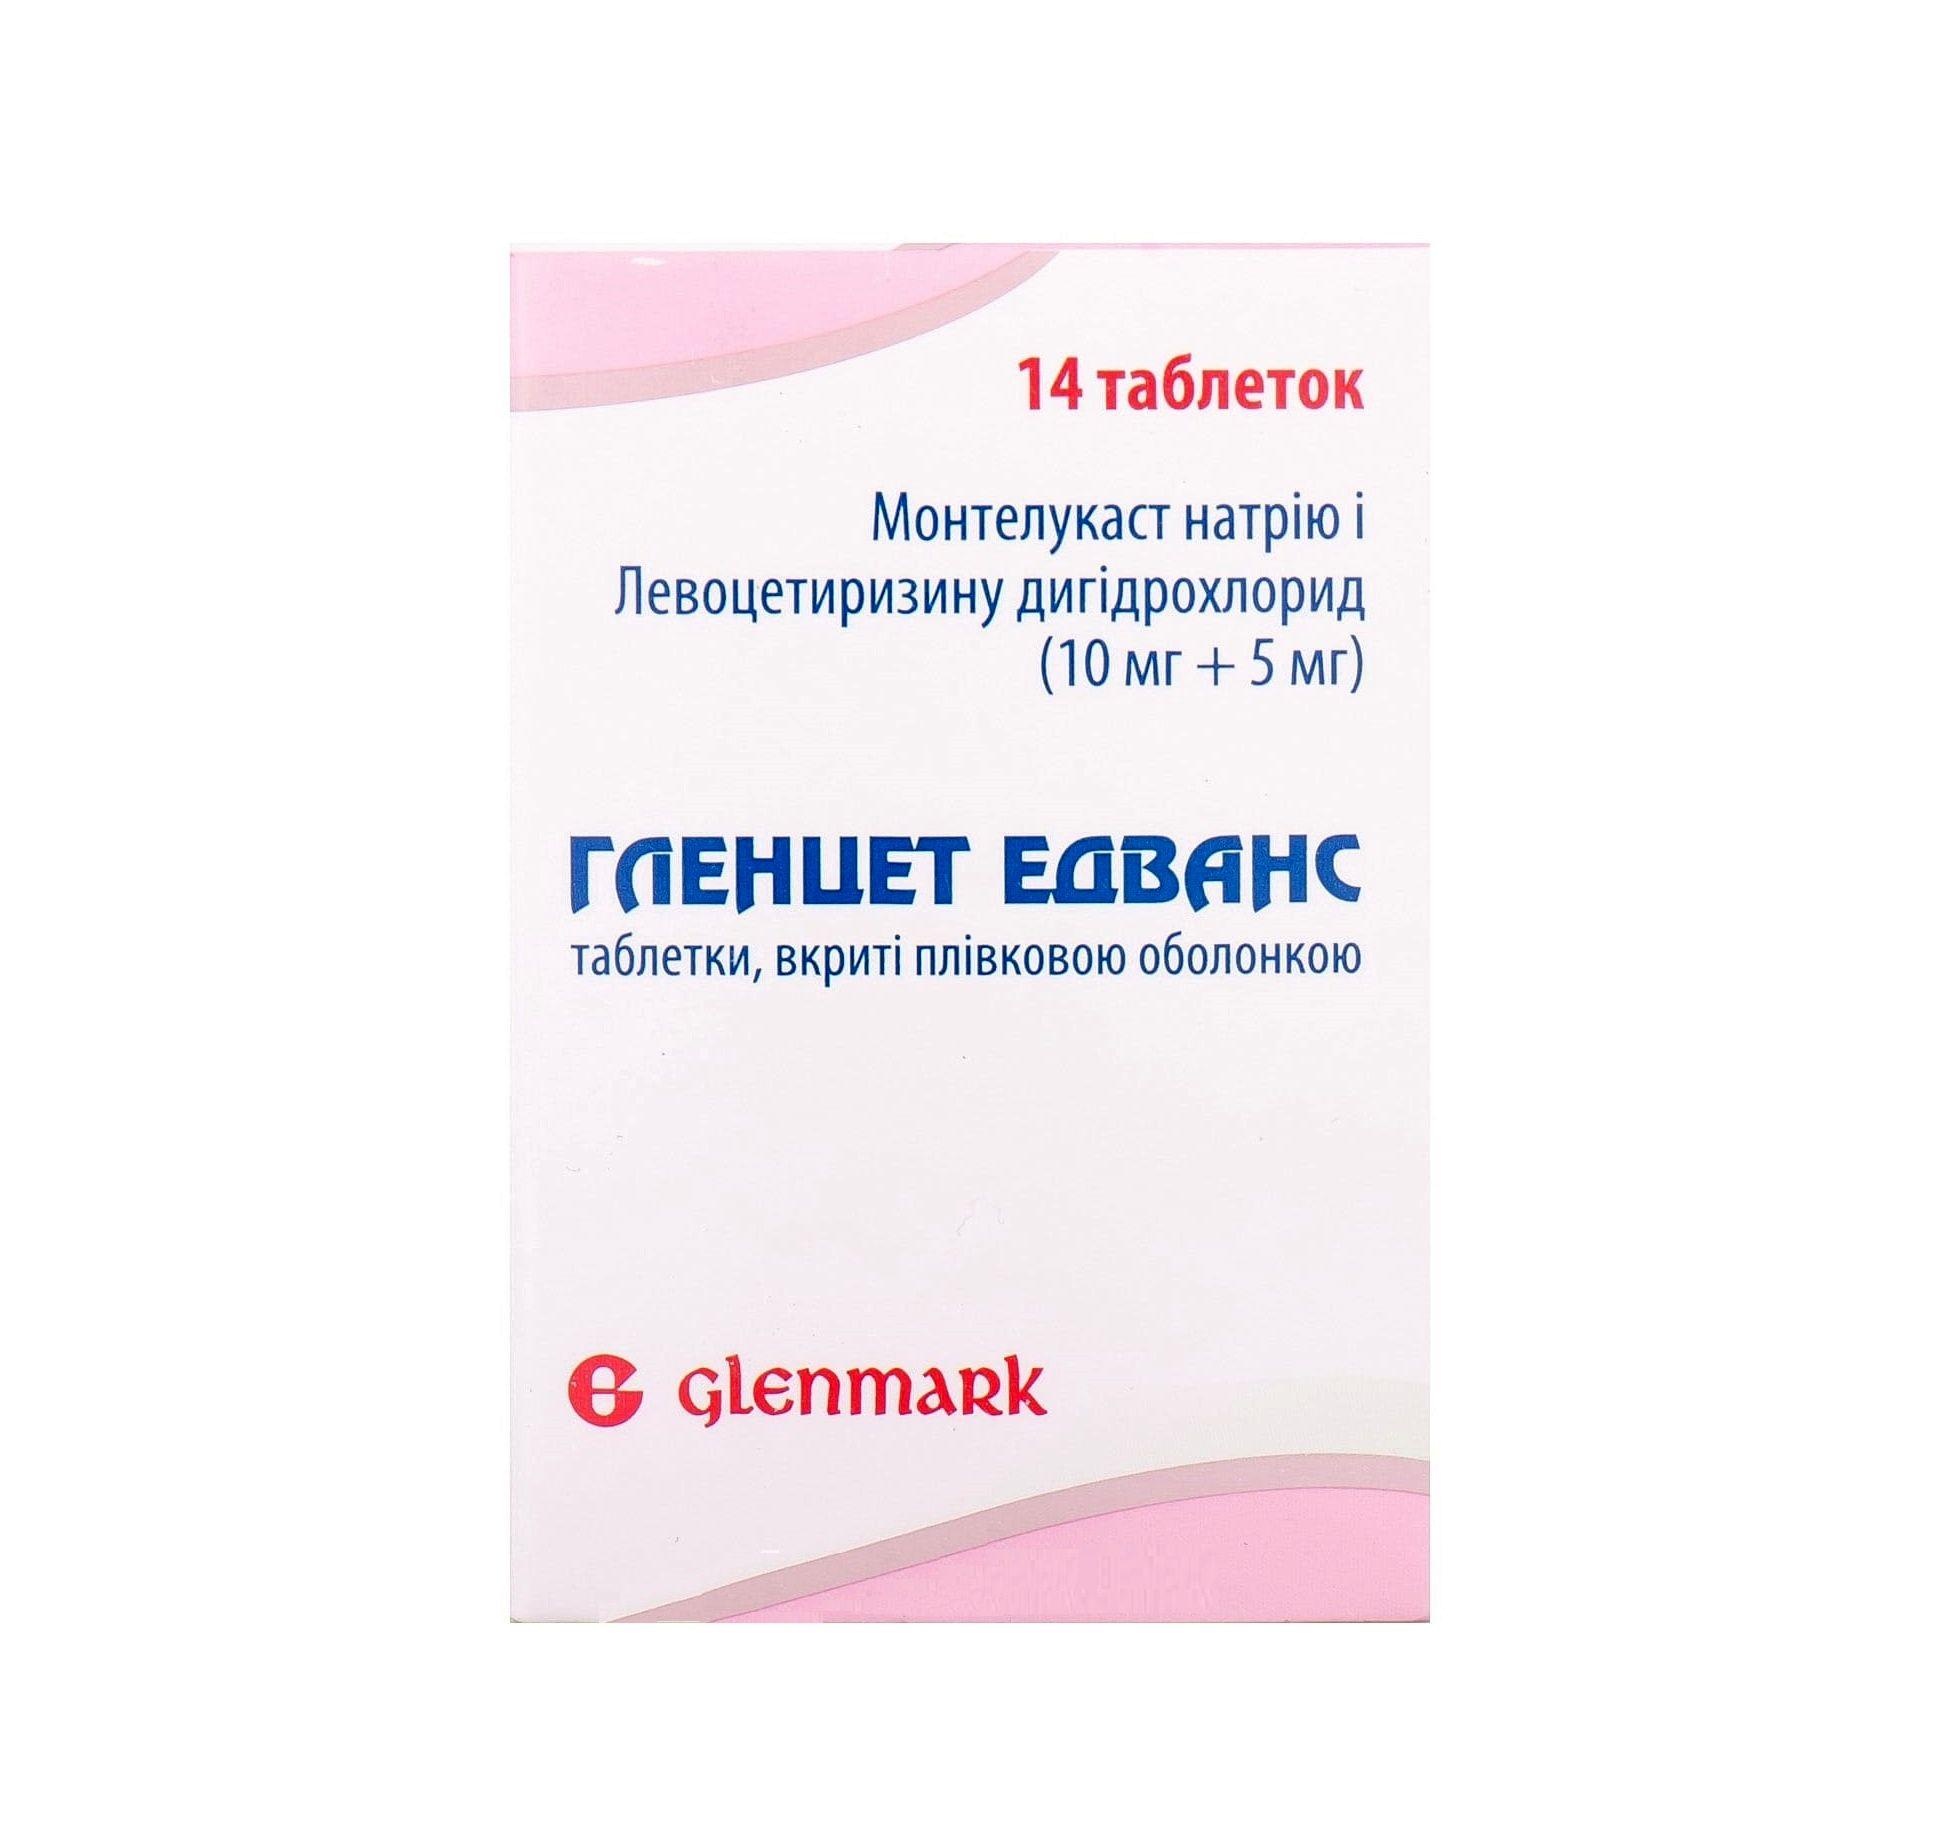 ГЛЕНЦЕТ ЕДВАНС ТАБ. №14